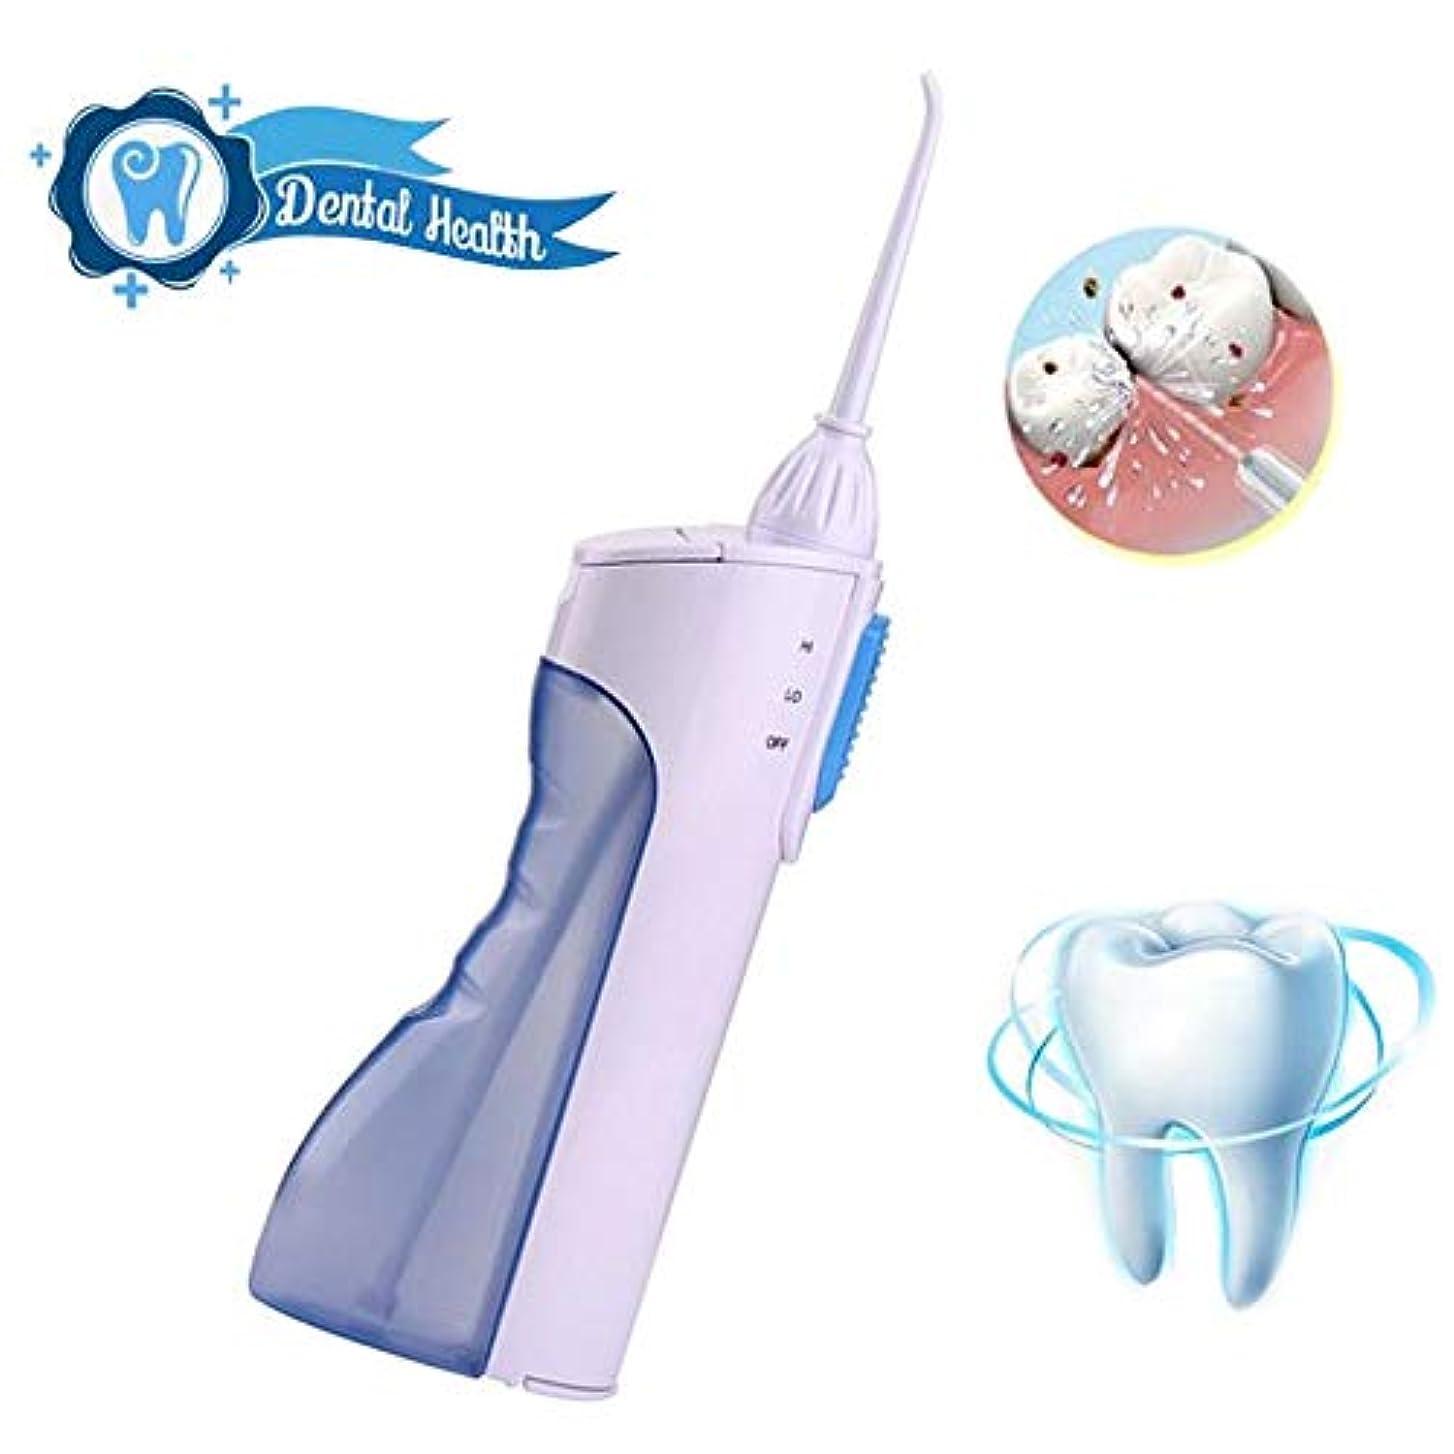 名門健全優しさ歯のための水フロッサー、165mlタンクと2つのジェット機の先端が付いている携帯用専門のコードレス歯科口頭潅漑器、2つのクリーニングモード